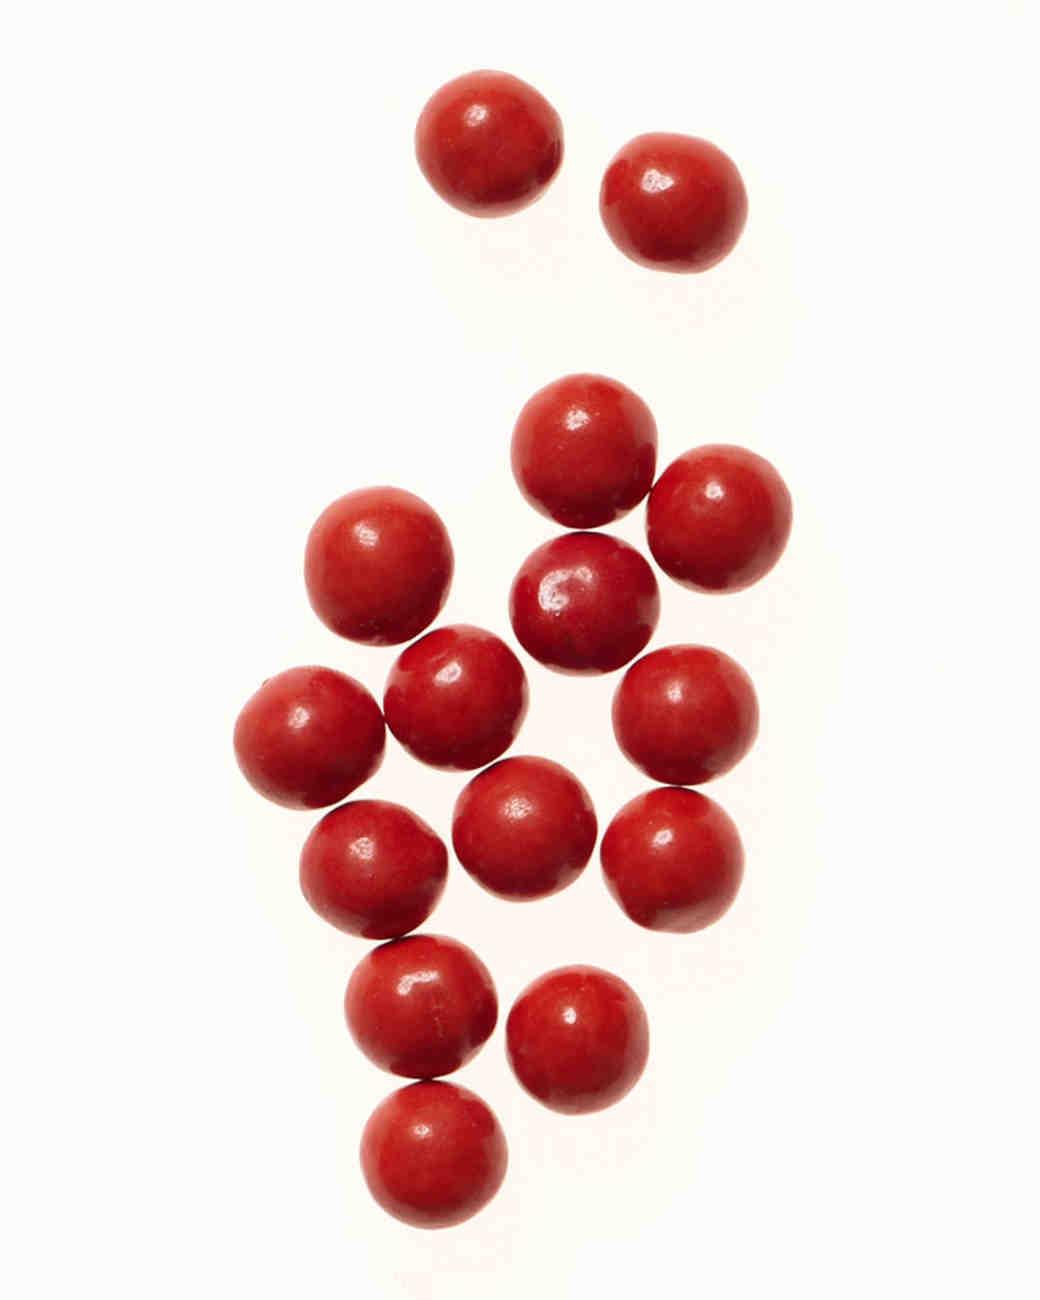 candy-dylan-sum11d107396-016.jpg